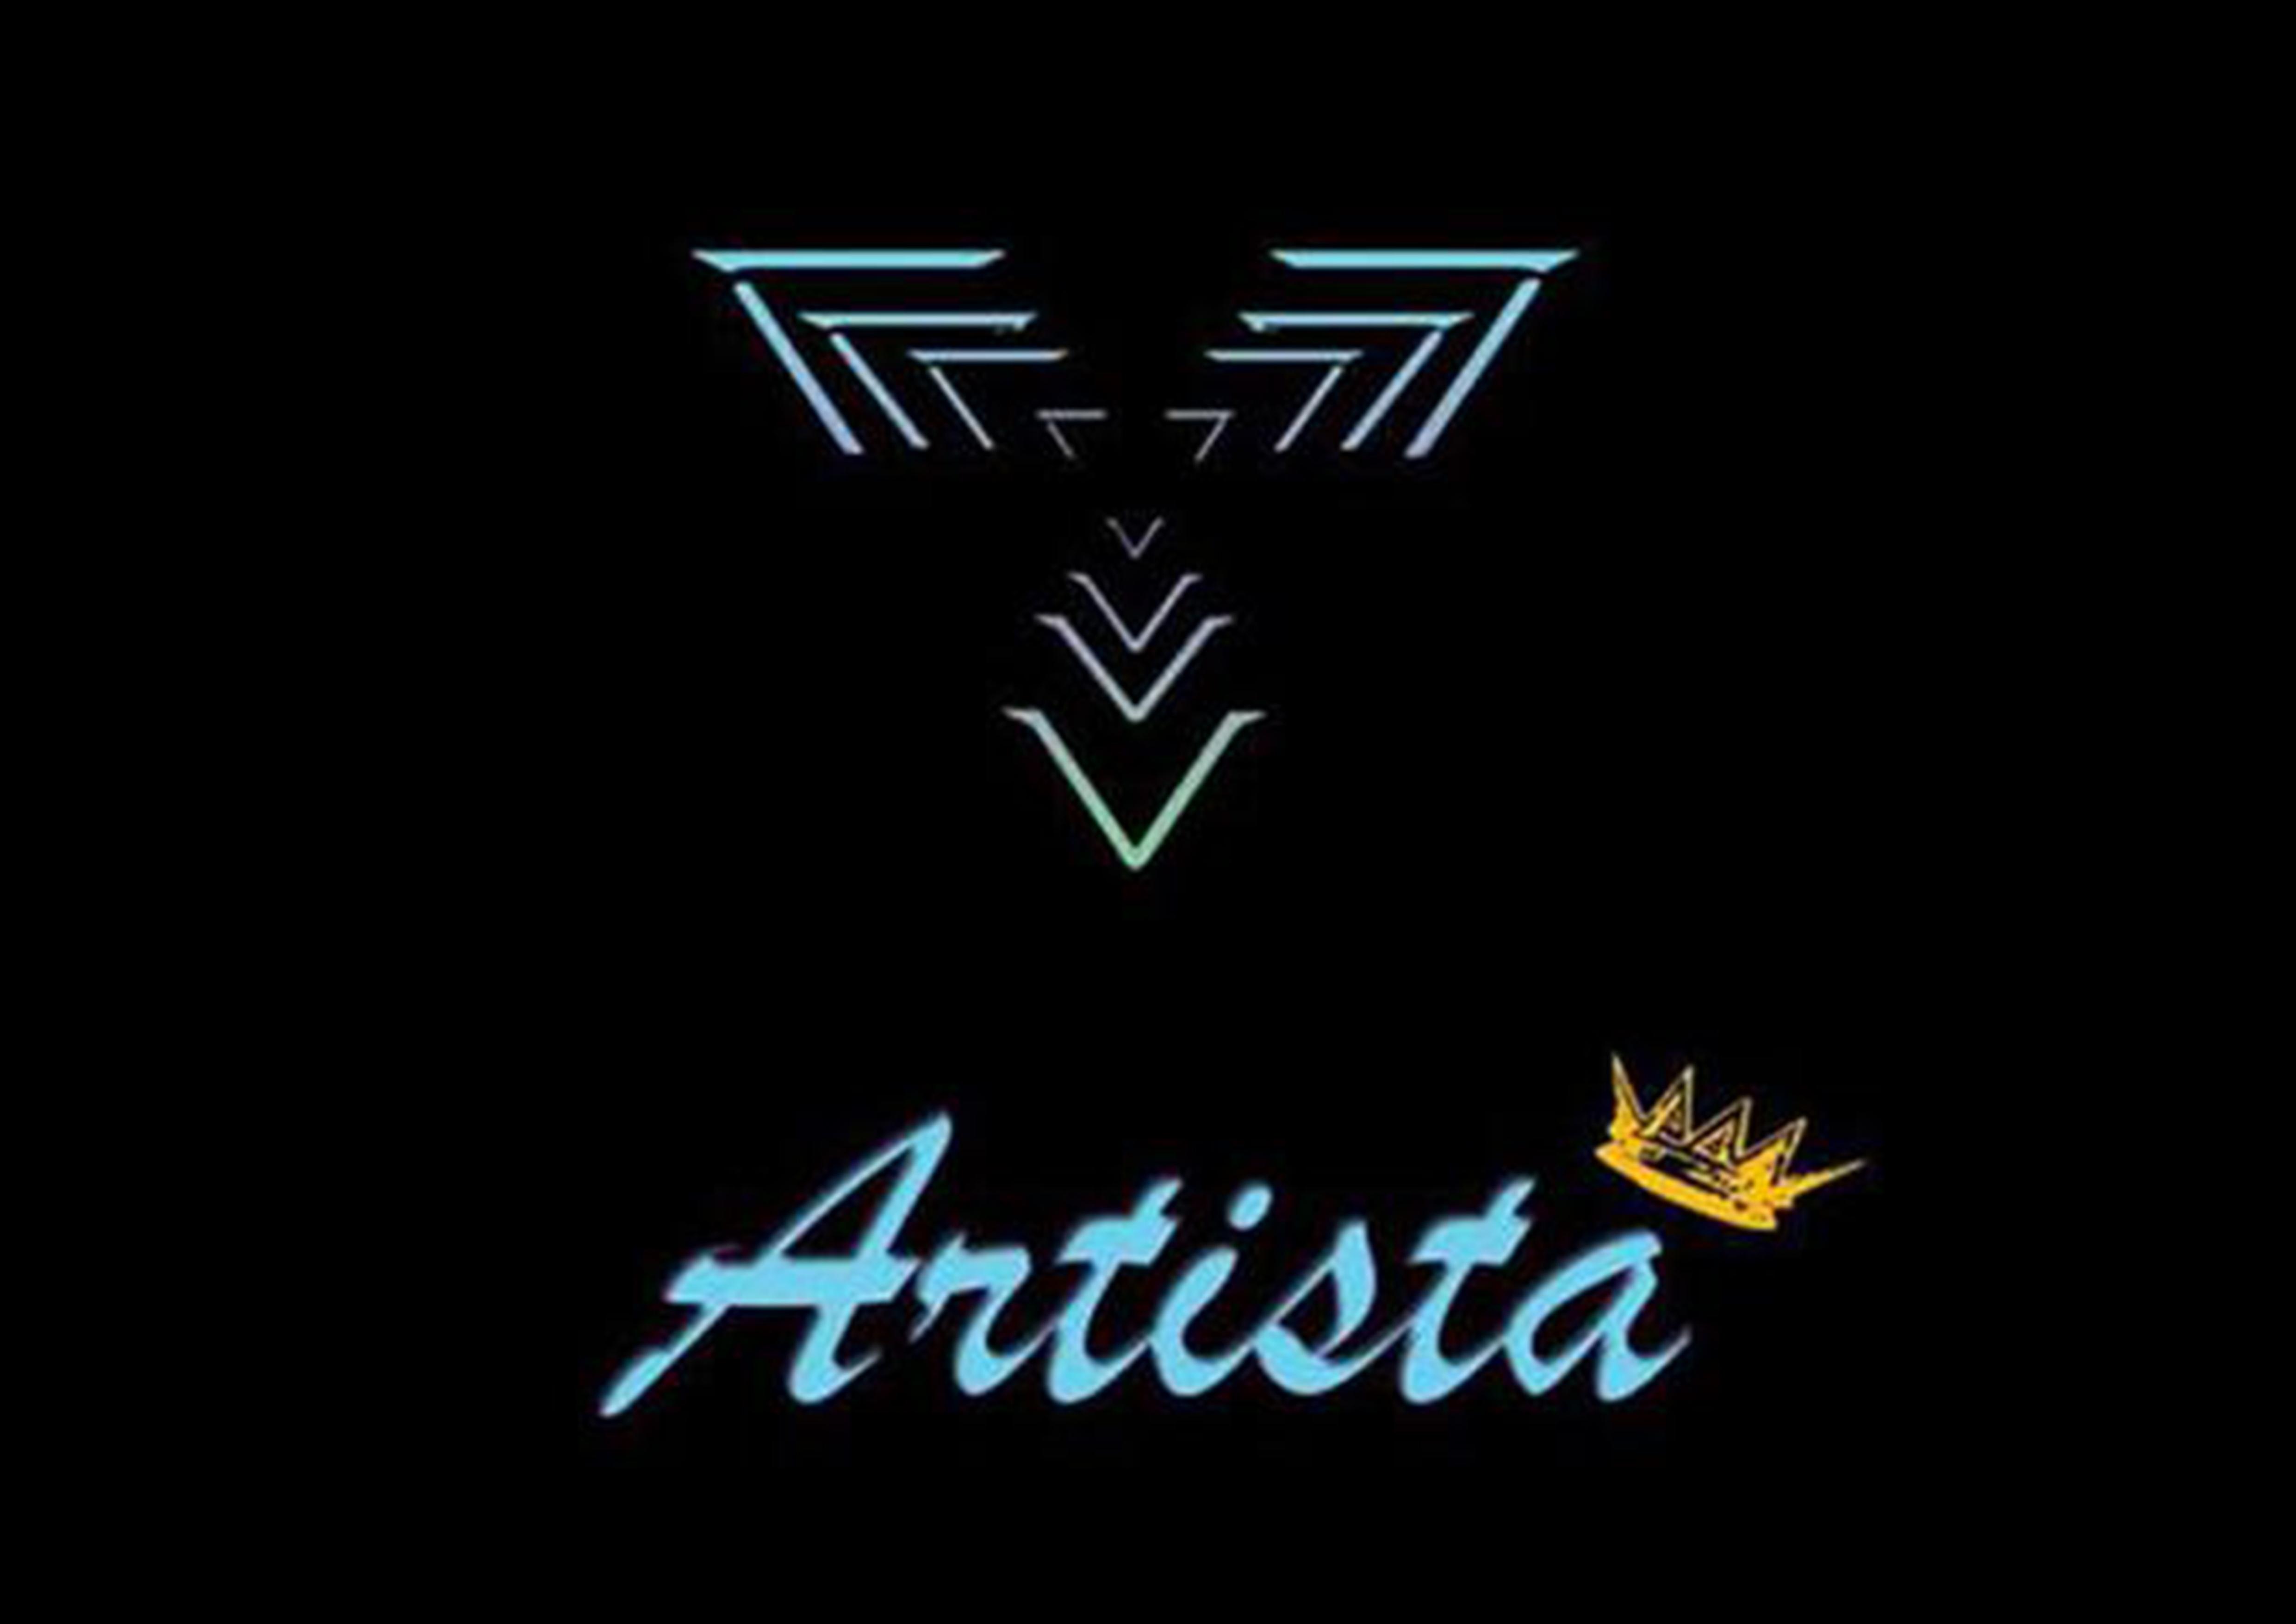 D.Artista